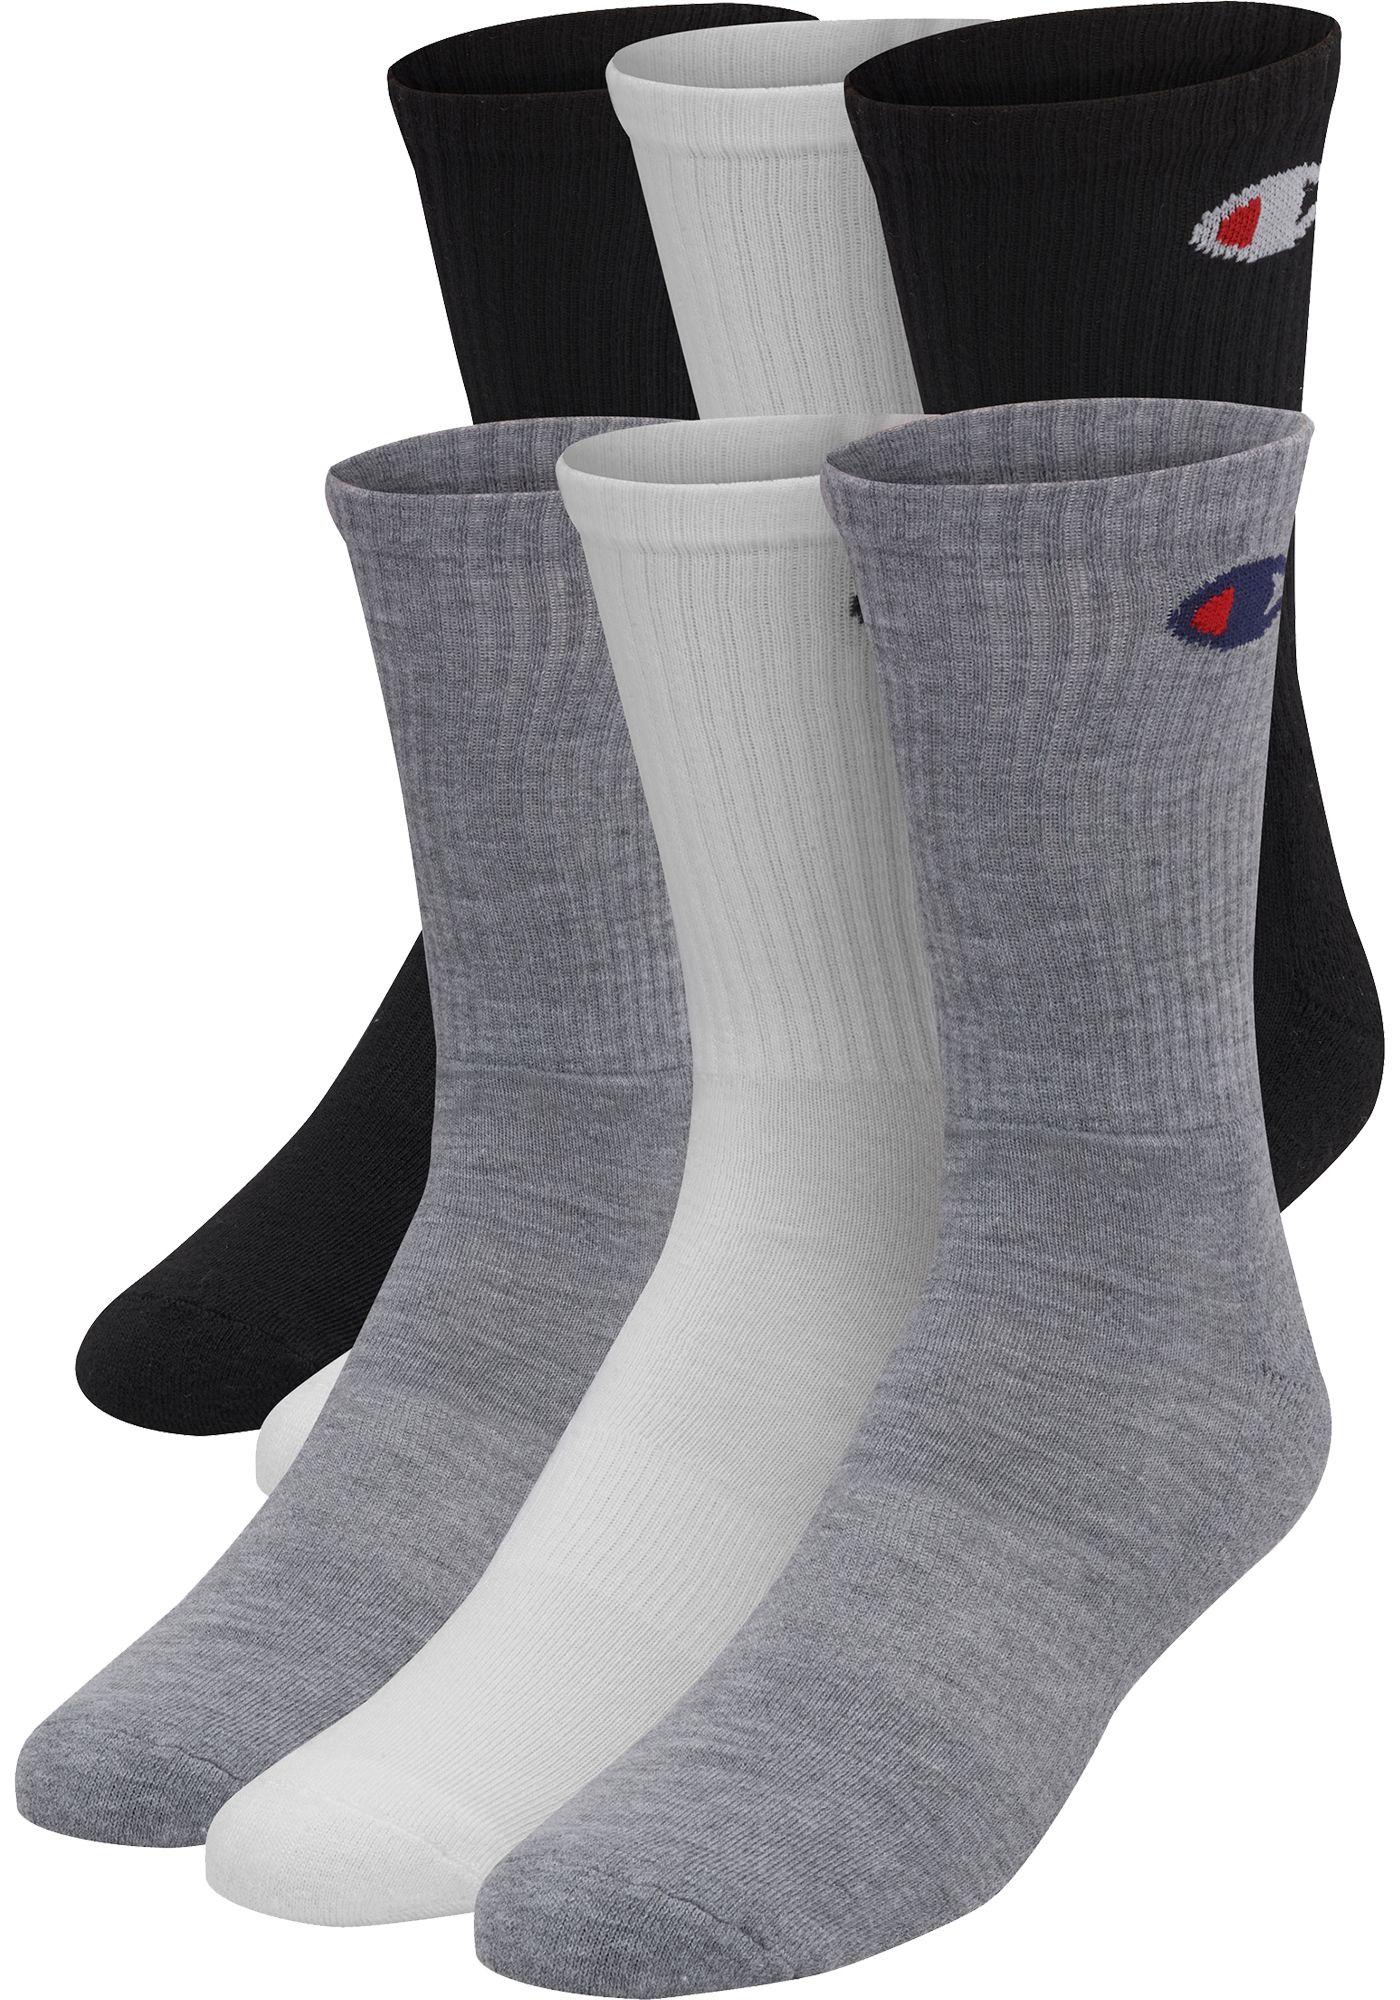 Champion Men's Crew Socks 6 Pack